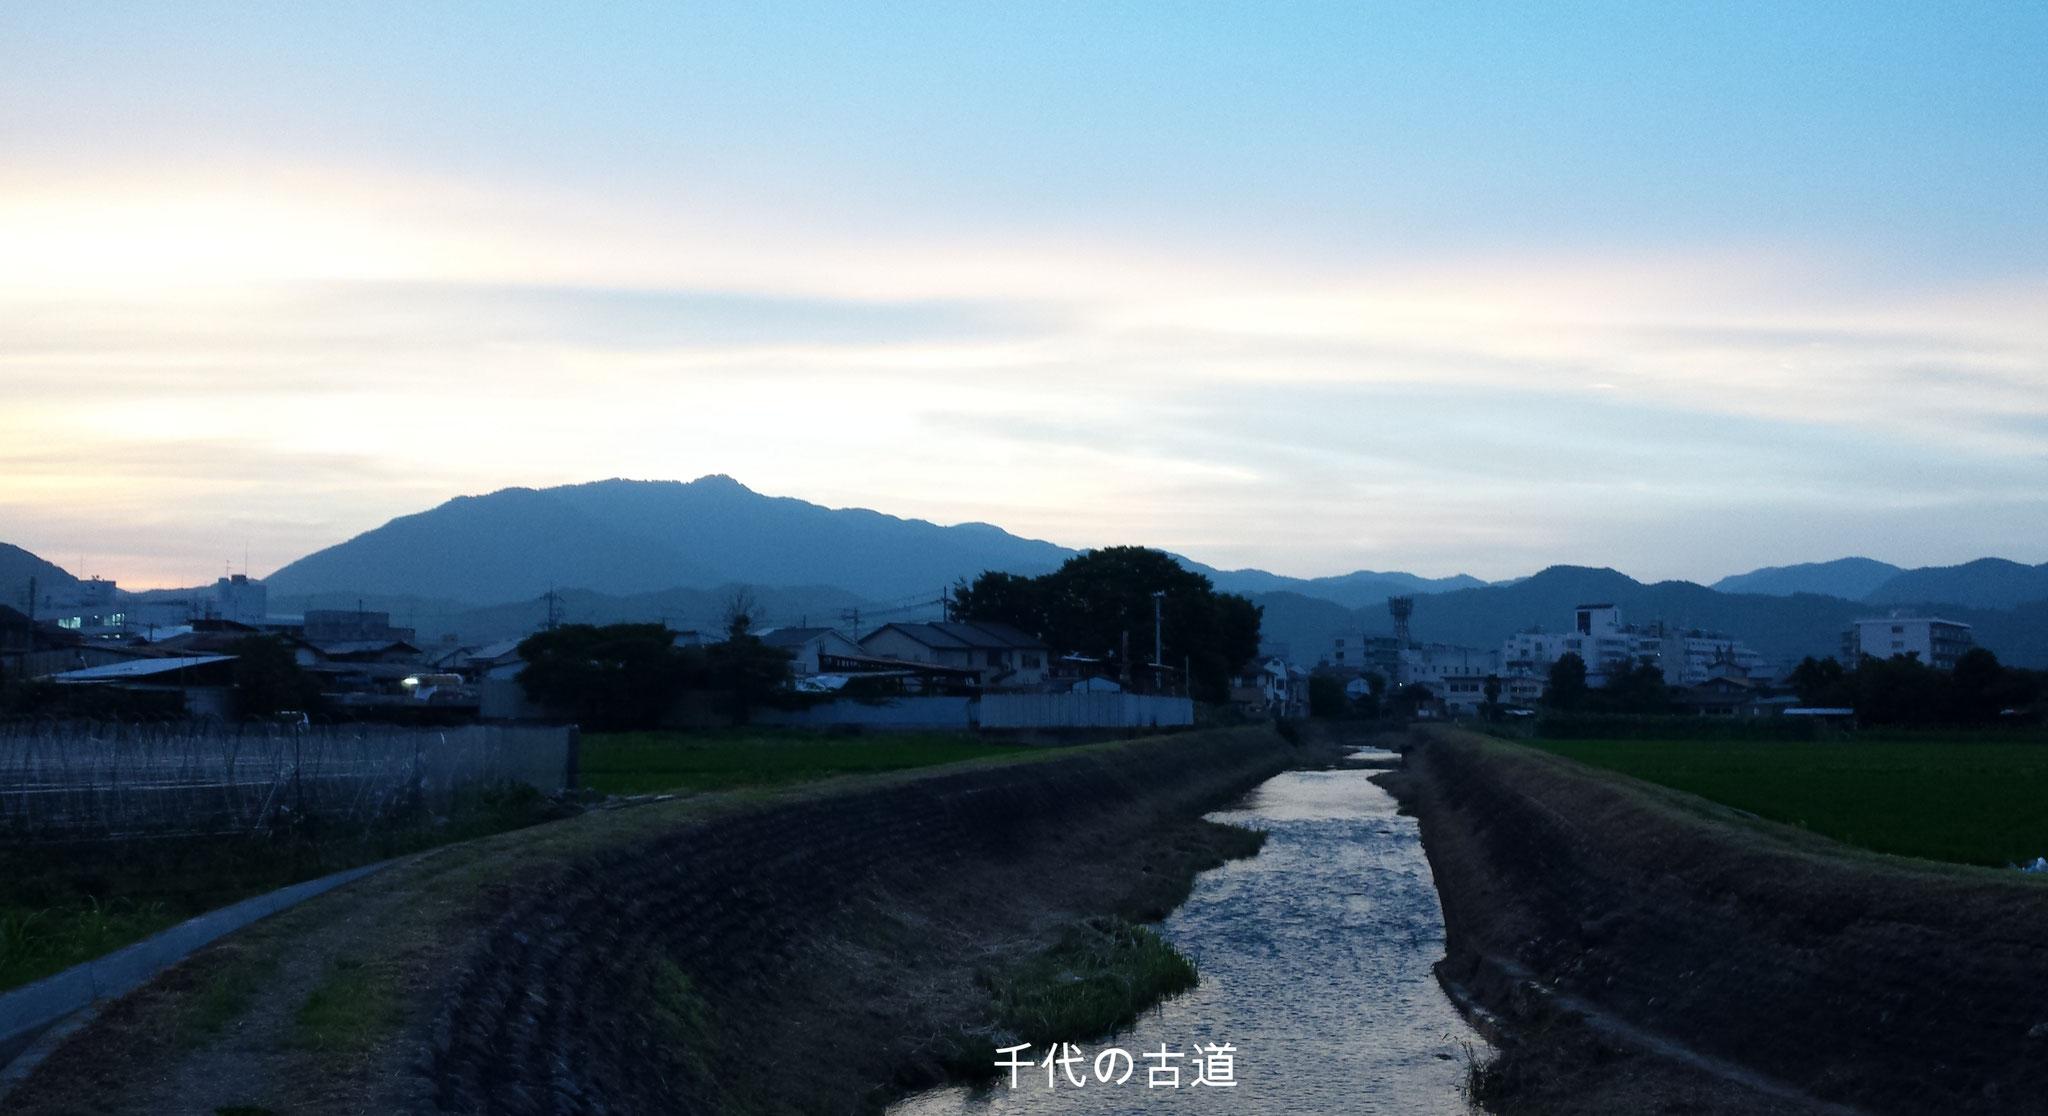 京都 千代の古道 彼方に見えるのは愛宕山